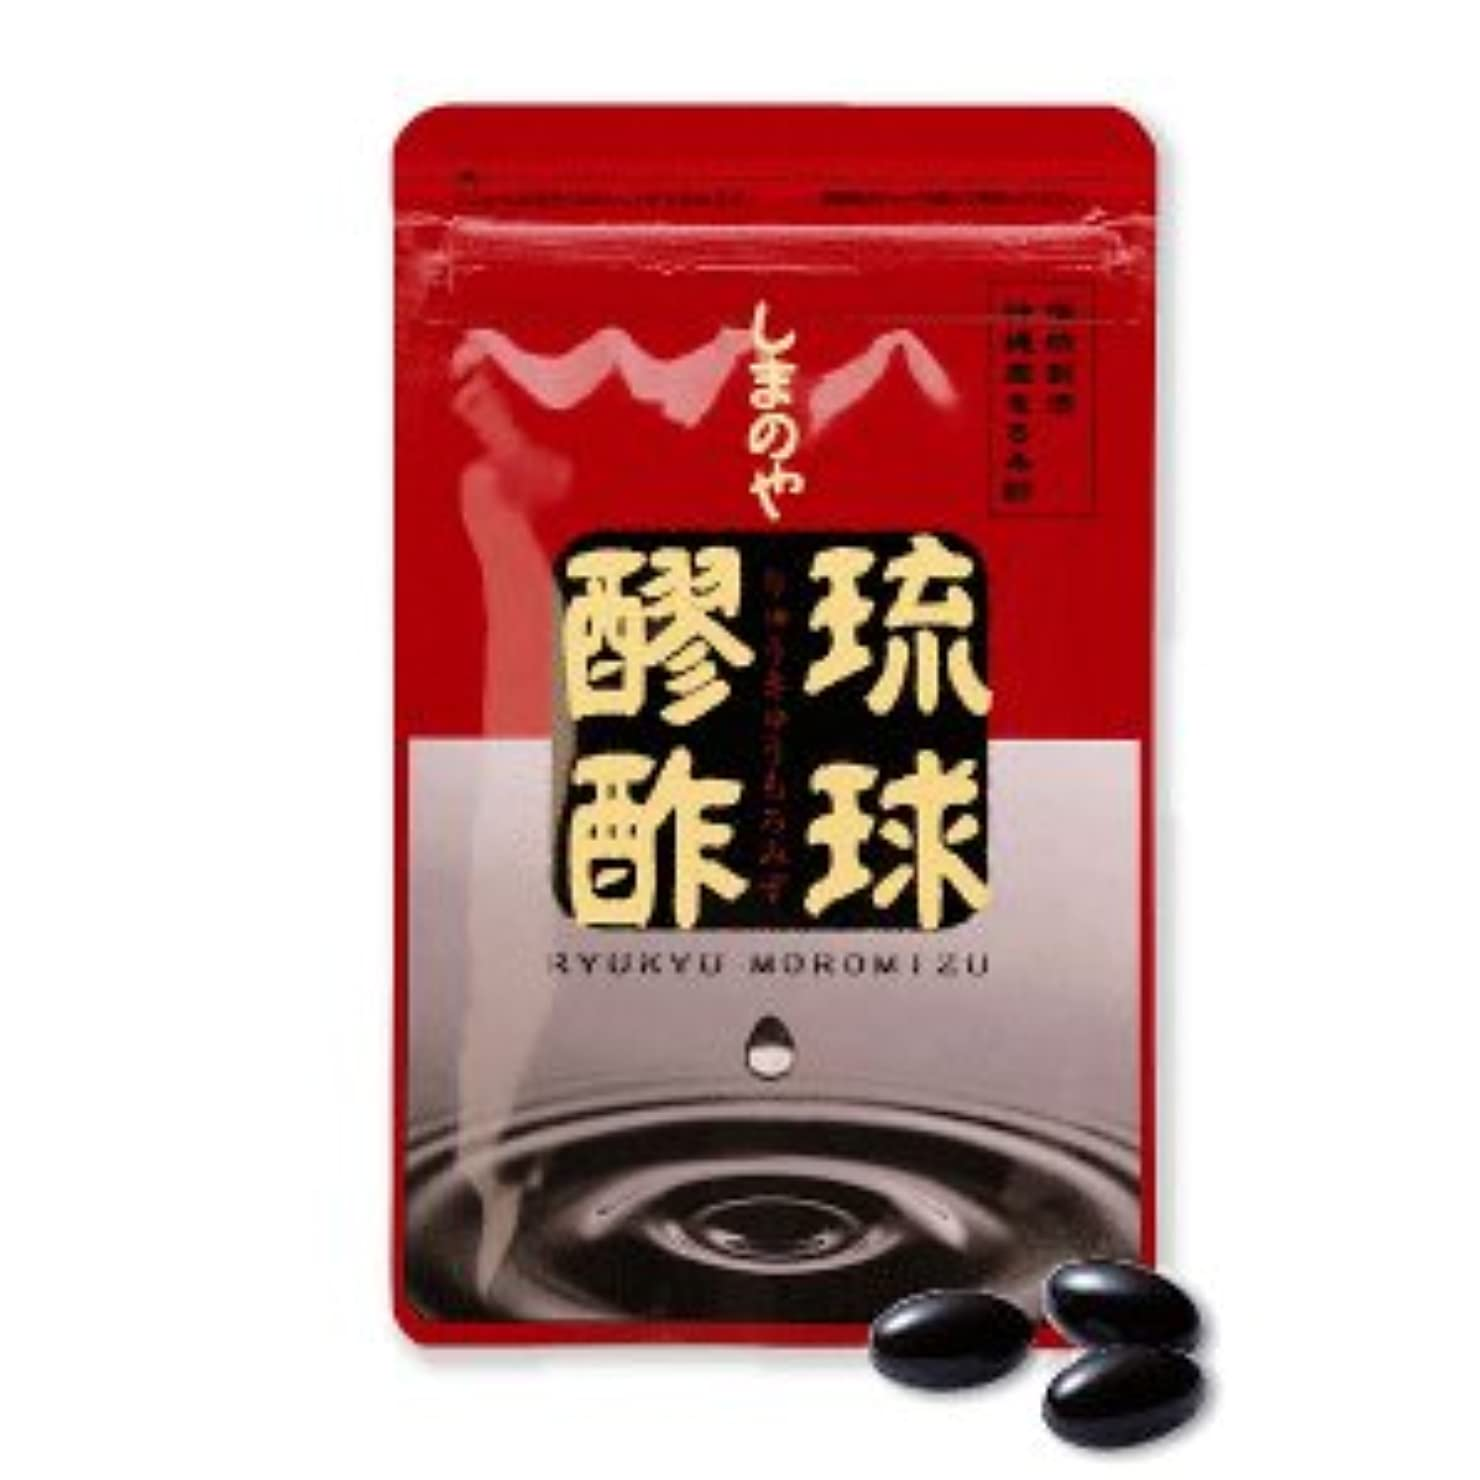 がんばり続ける看板二度しまのや 琉球もろみ酢 93粒 クエン酸 アミノ酸たっぷり